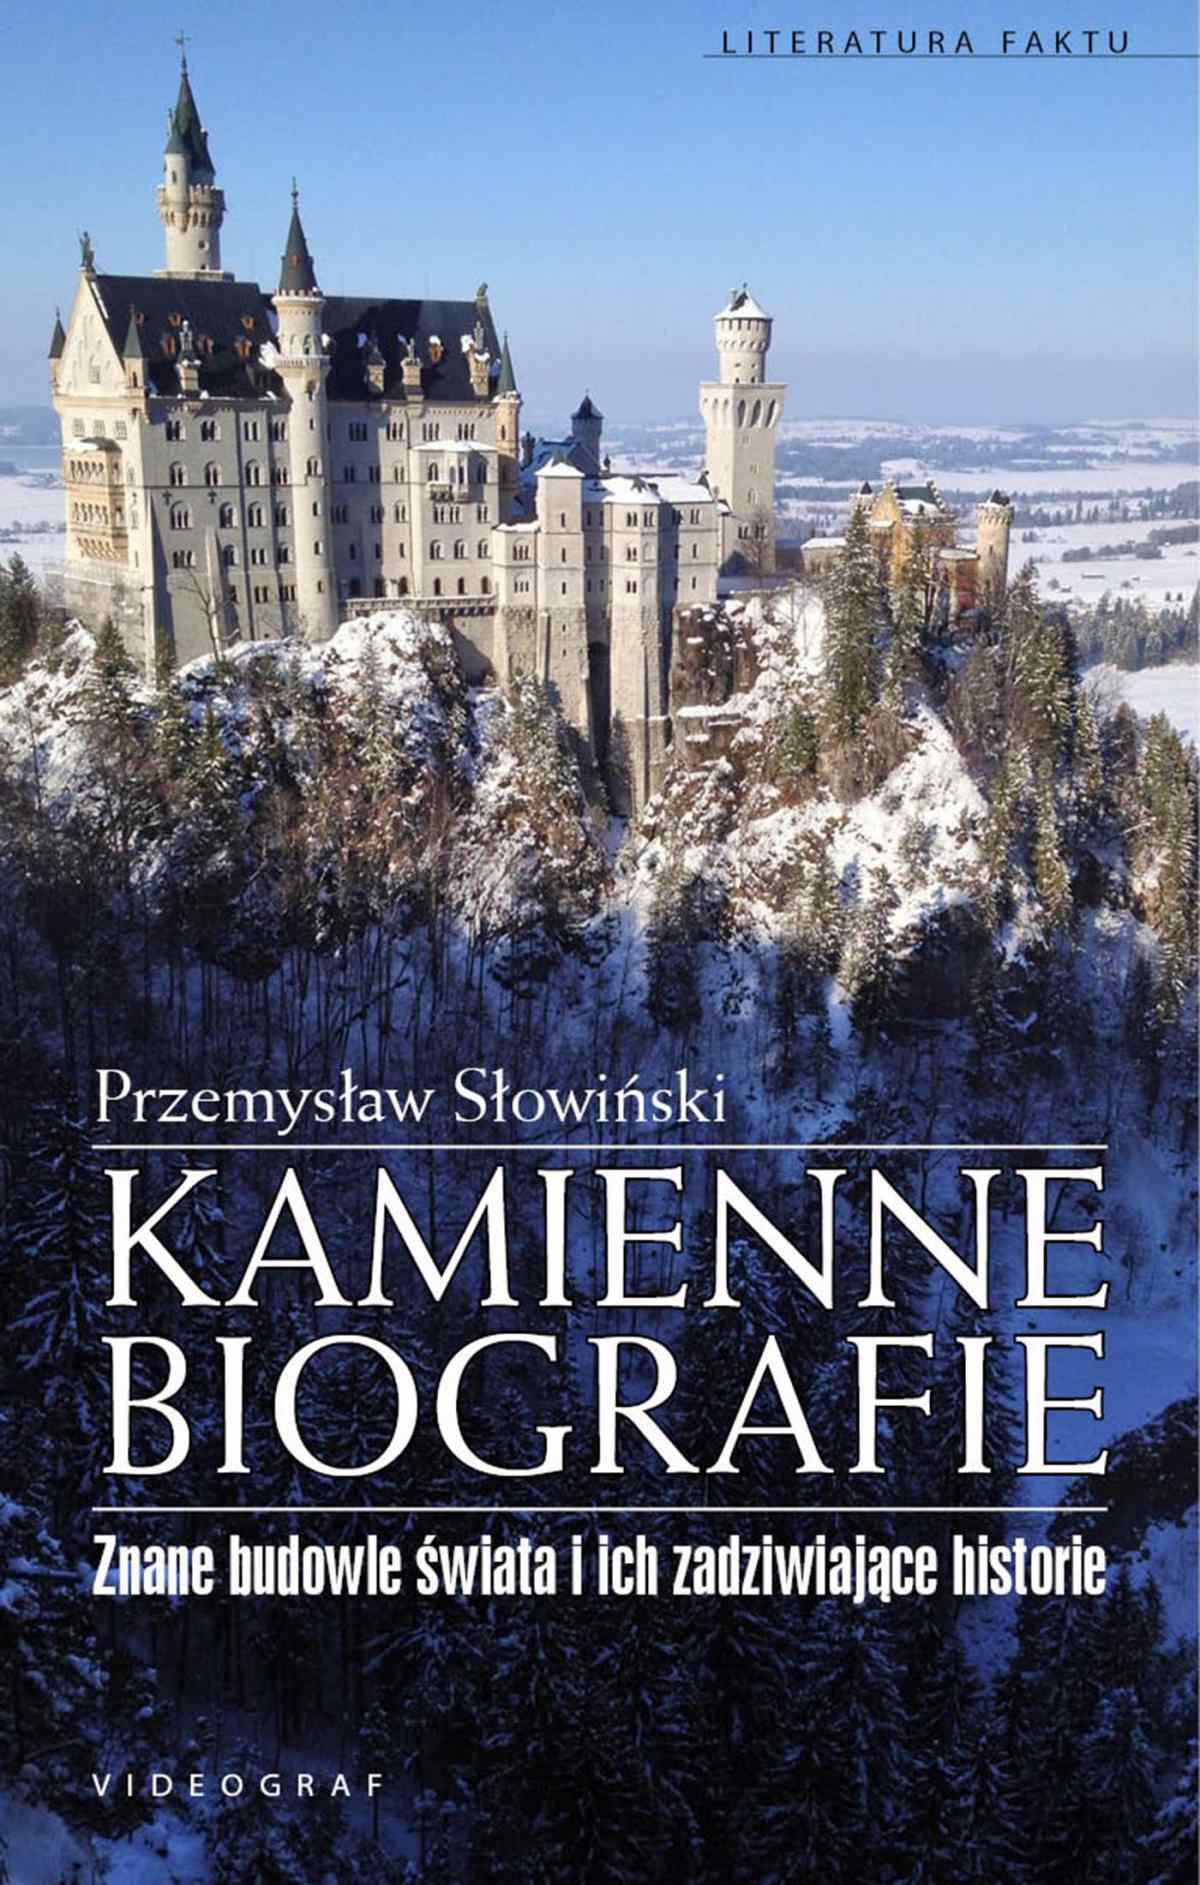 Kamienne biografie. Znane budowle świata i ich zadziwiające historie - Ebook (Książka EPUB) do pobrania w formacie EPUB